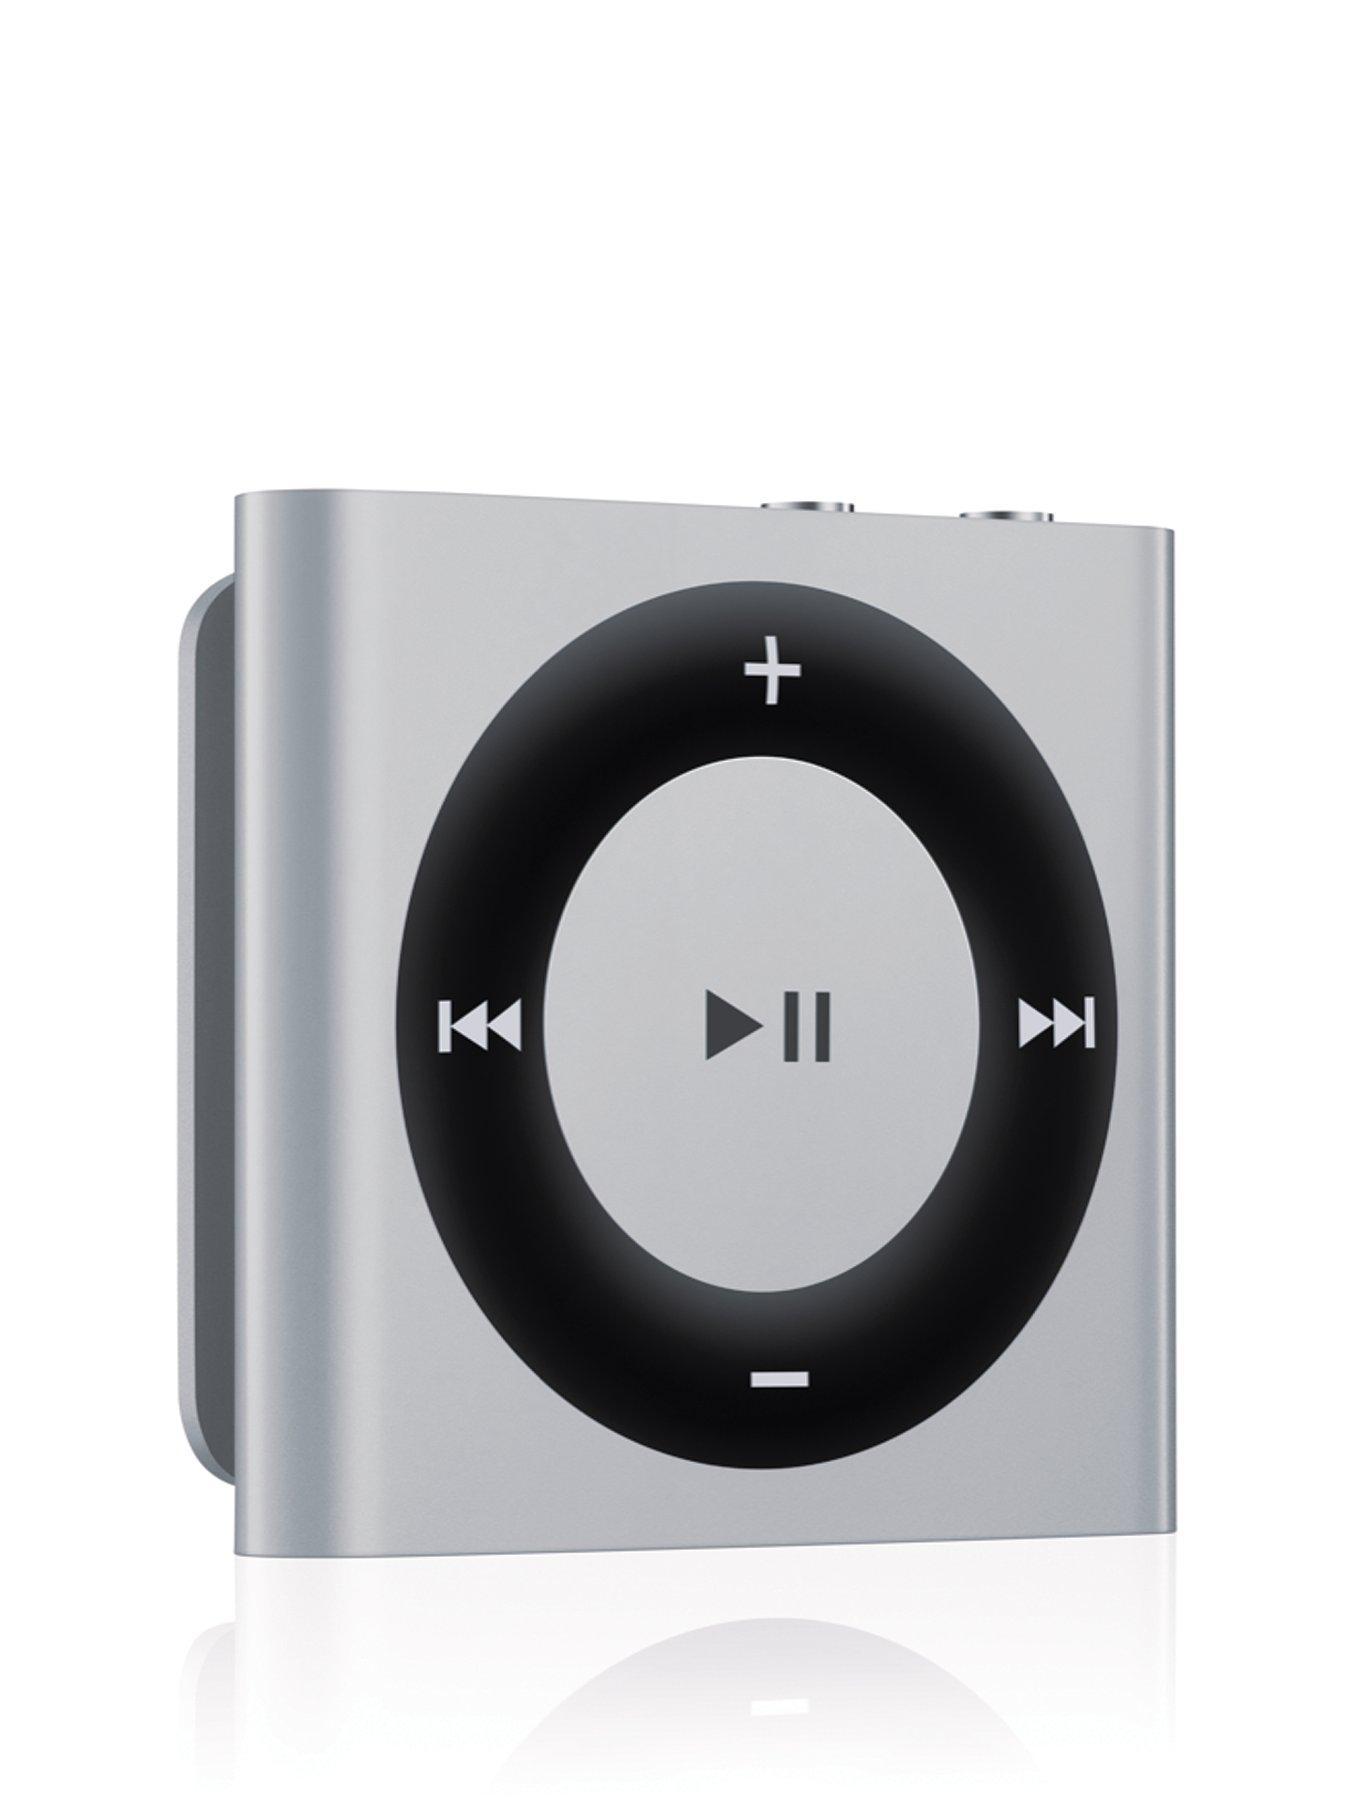 iPod shuffle 2Gb MD778BT/A - Silver